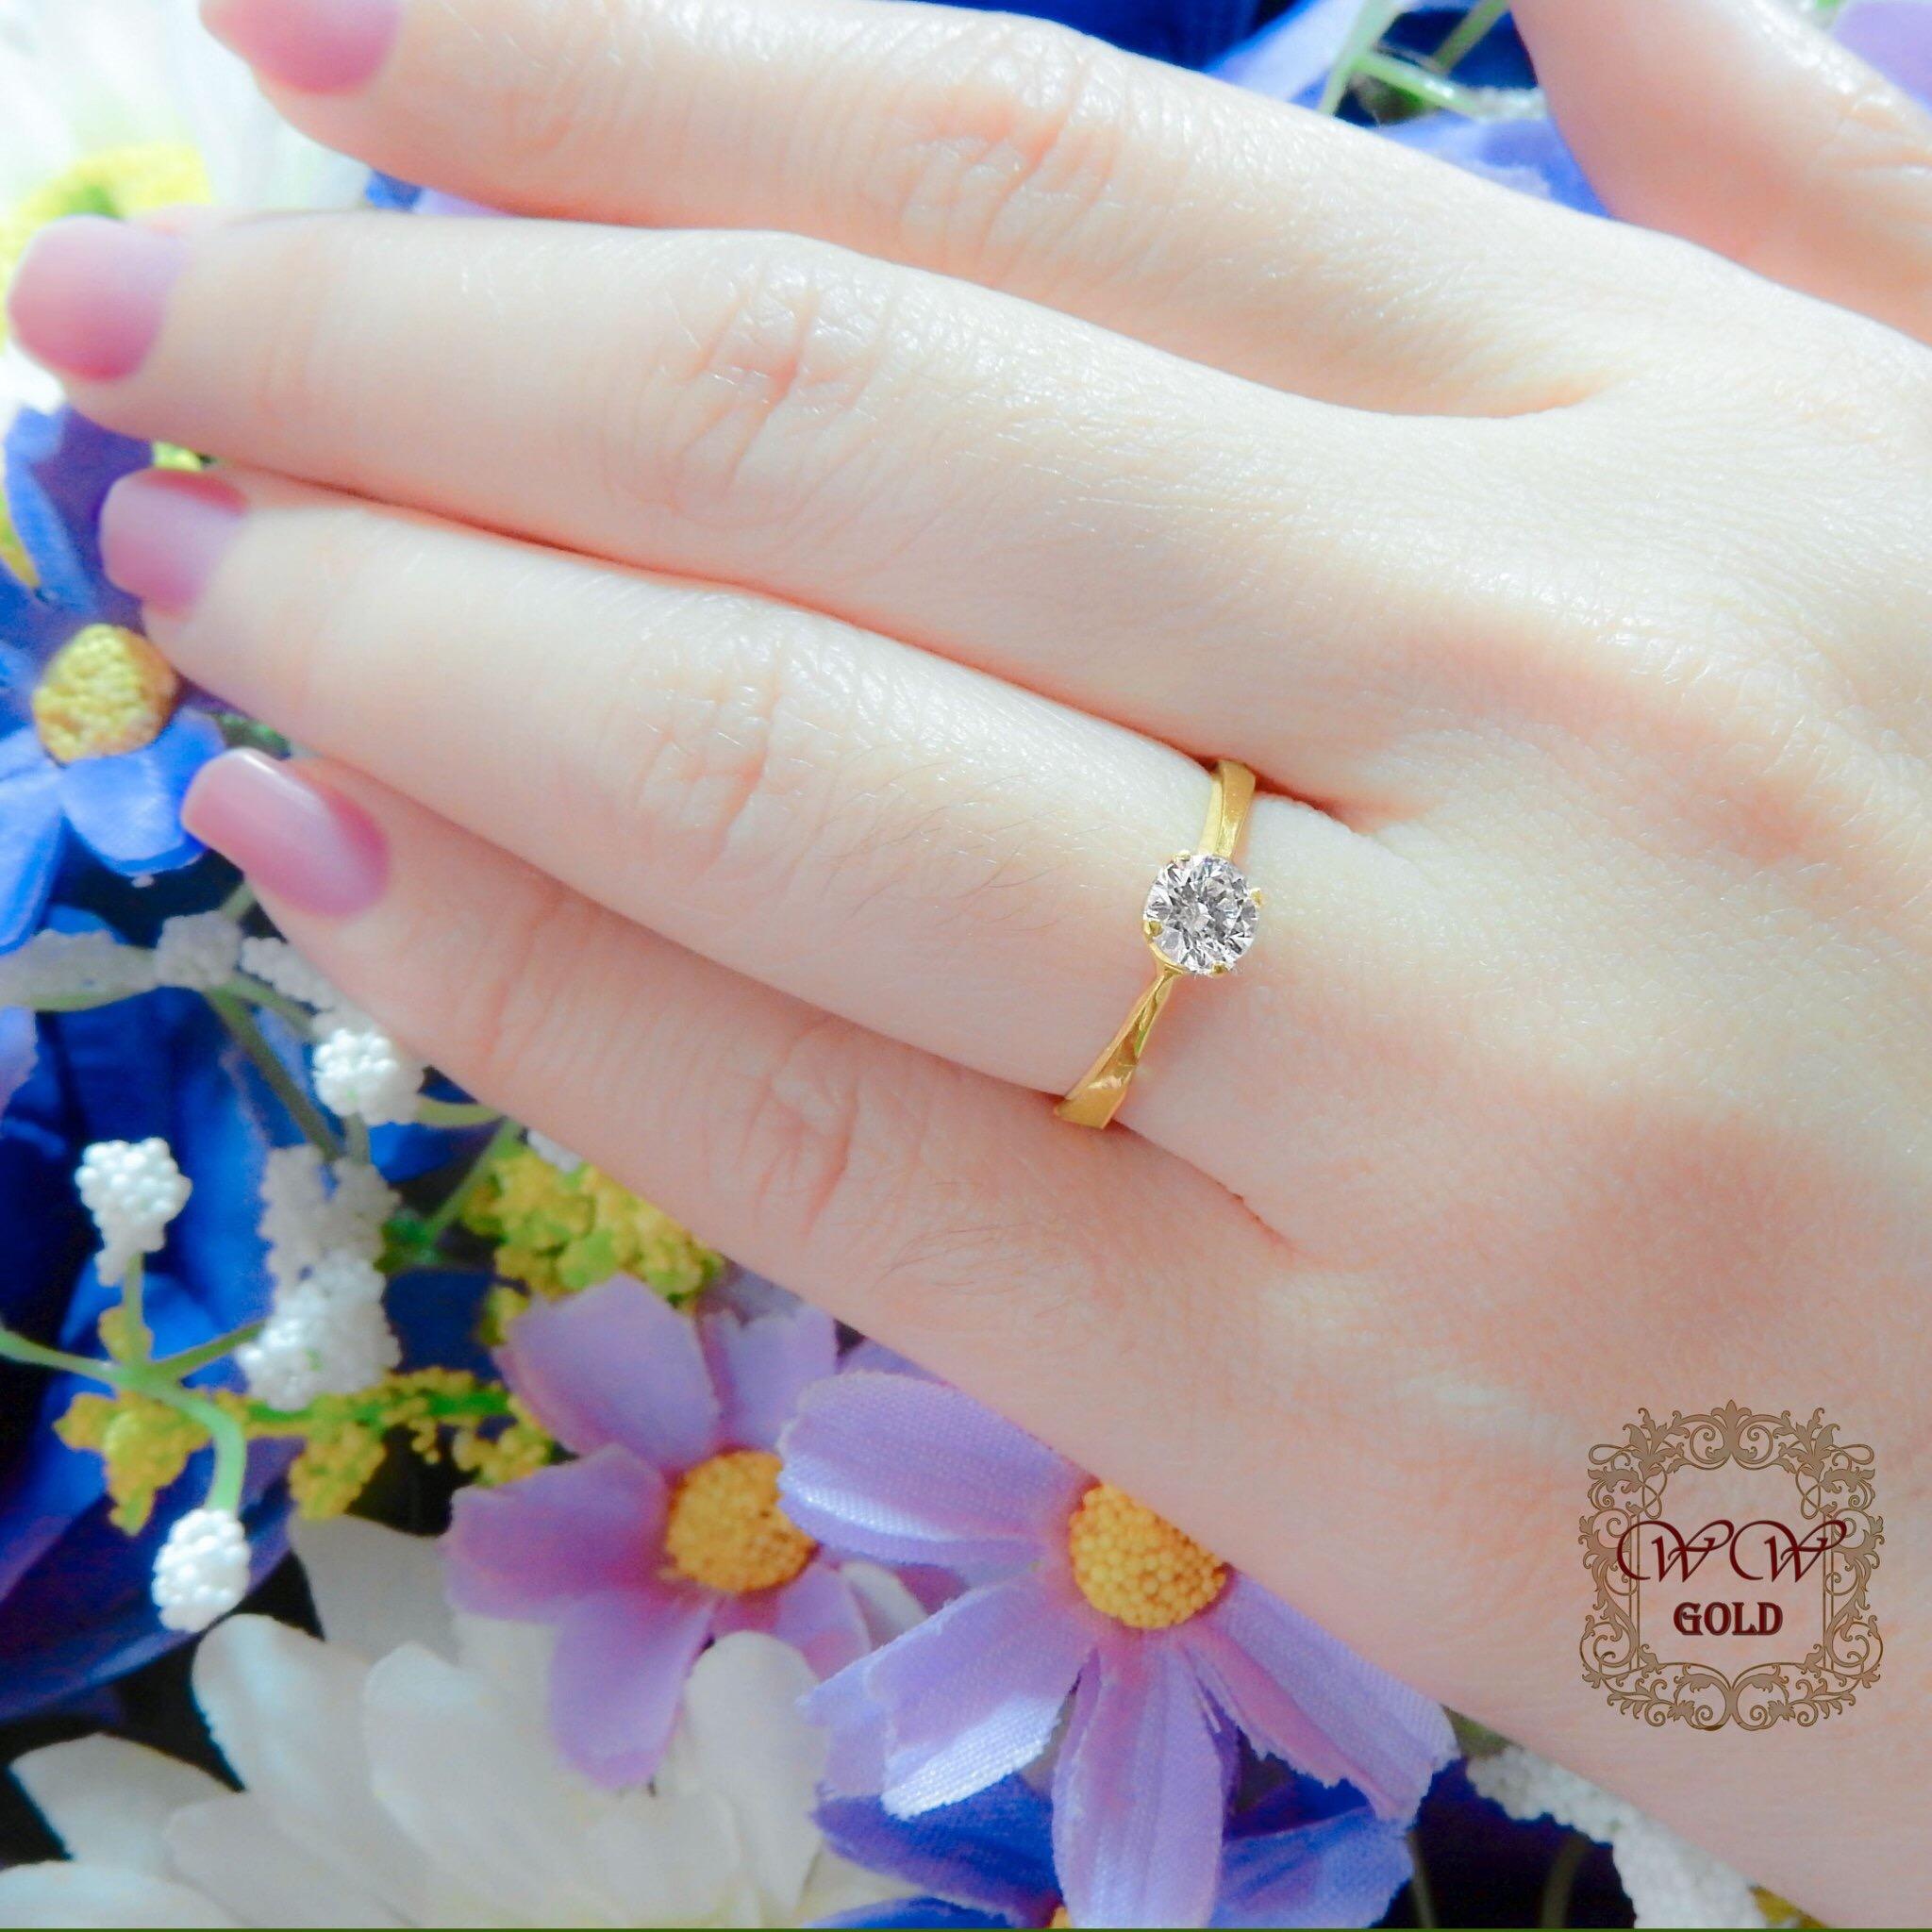 แหวนเพชรเบลเยี่ยม